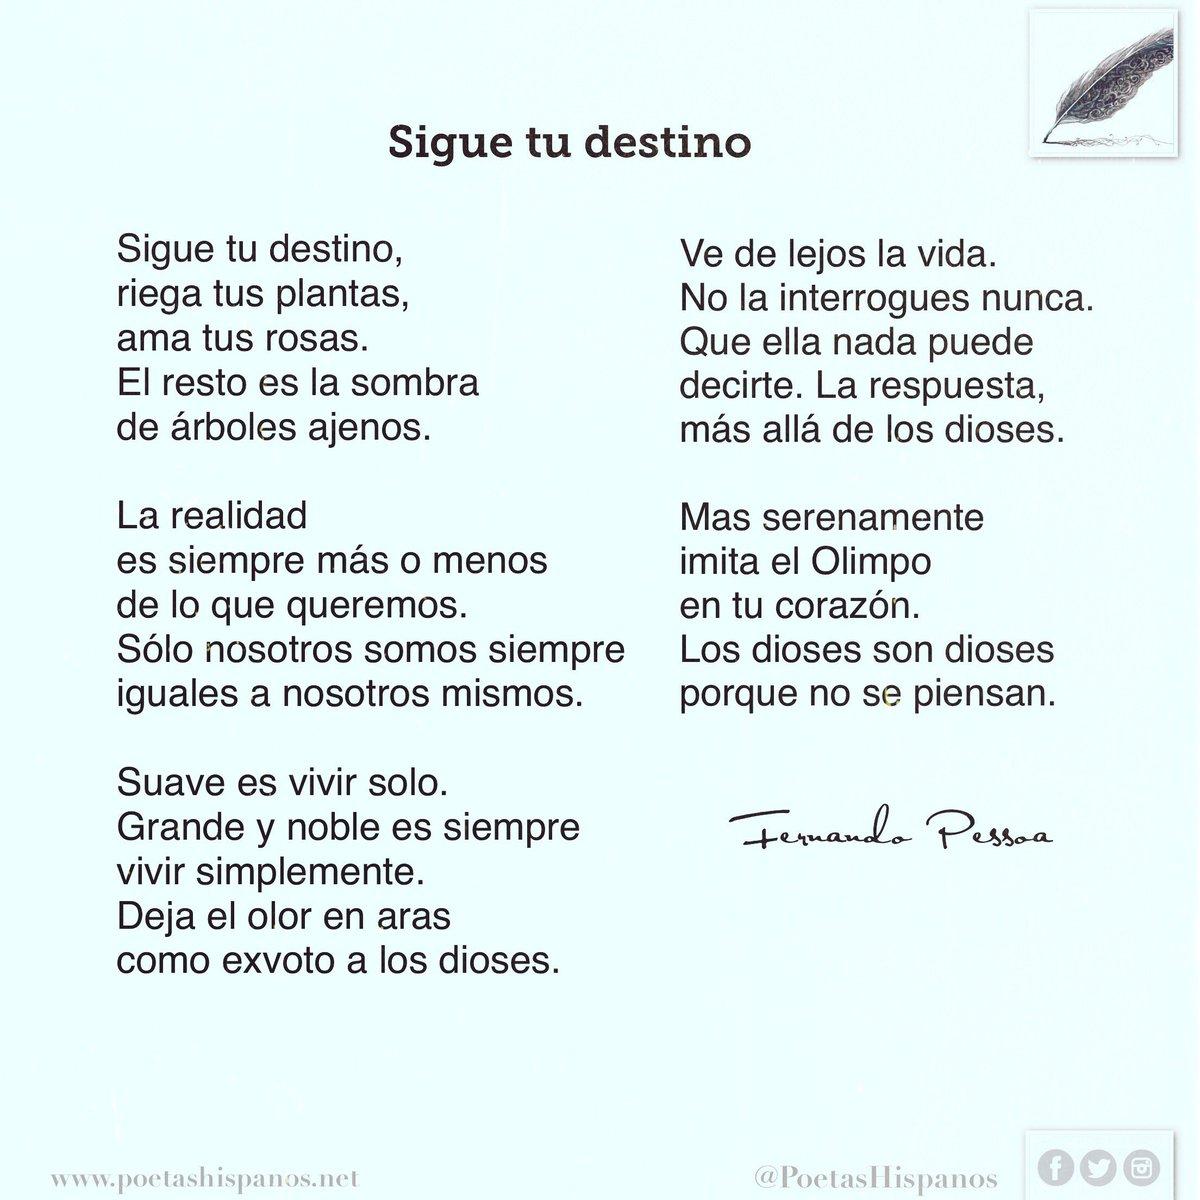 Poetas Hispanos On Twitter Sigue Tu Destino Por Fernando Pessoa